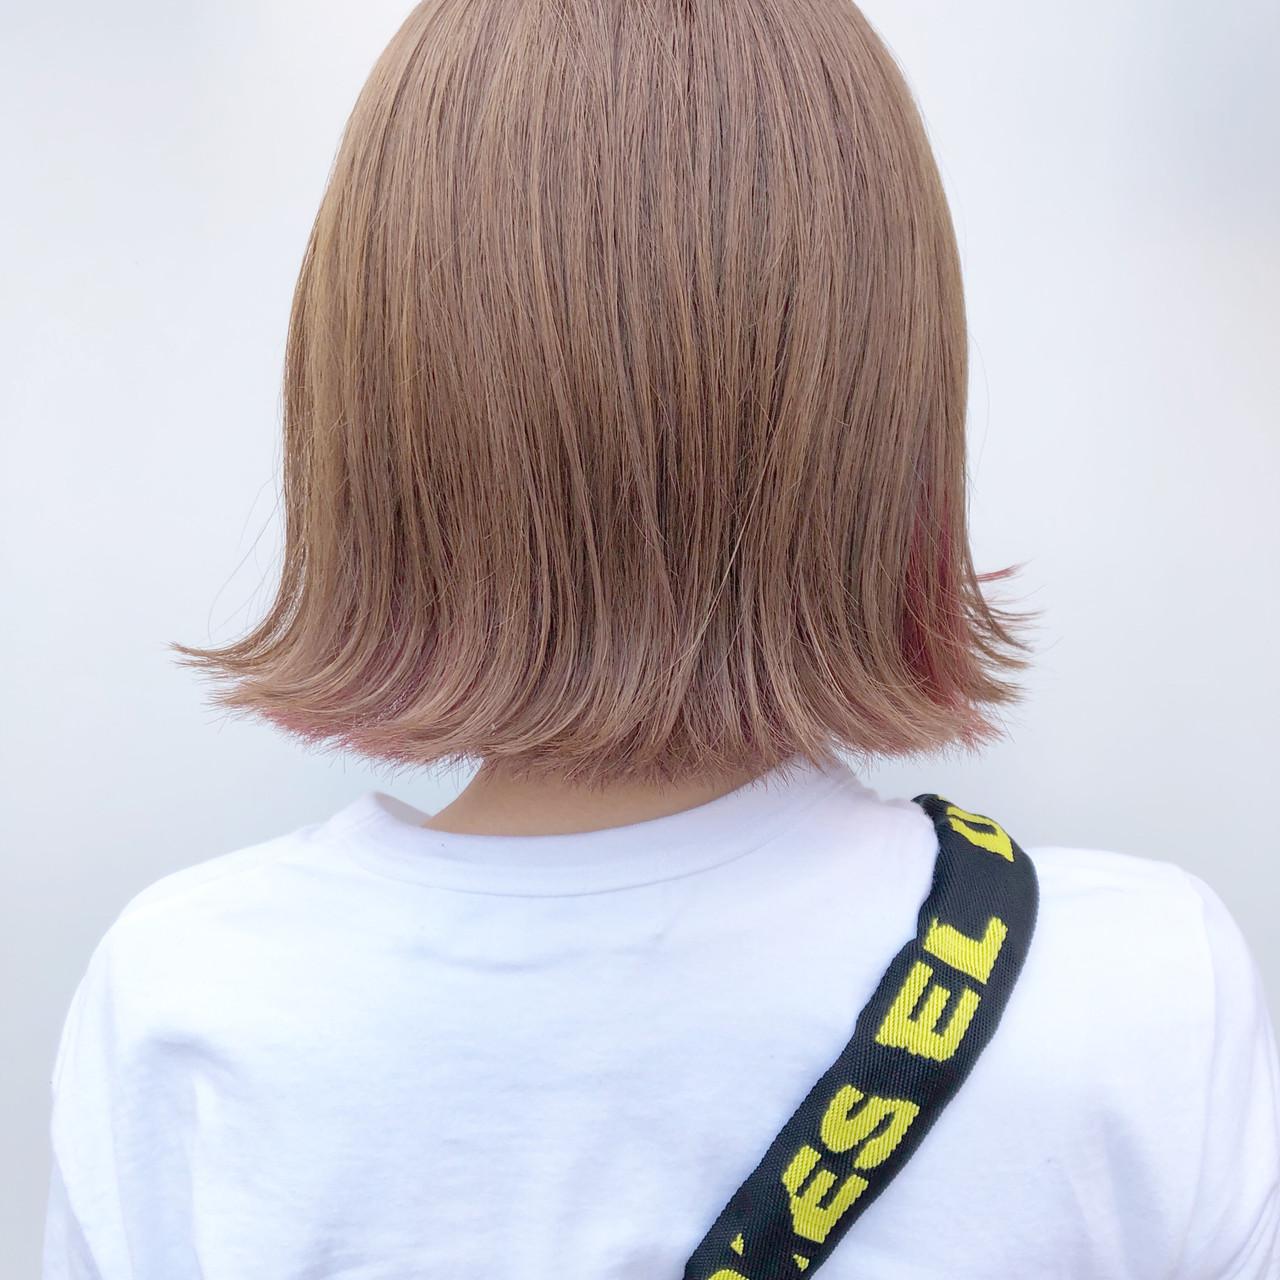 ミルクティーベージュ ミルクティーブラウン ガーリー ベリーピンク ヘアスタイルや髪型の写真・画像 | MAYUKA / G∀ME by AlanSumithee